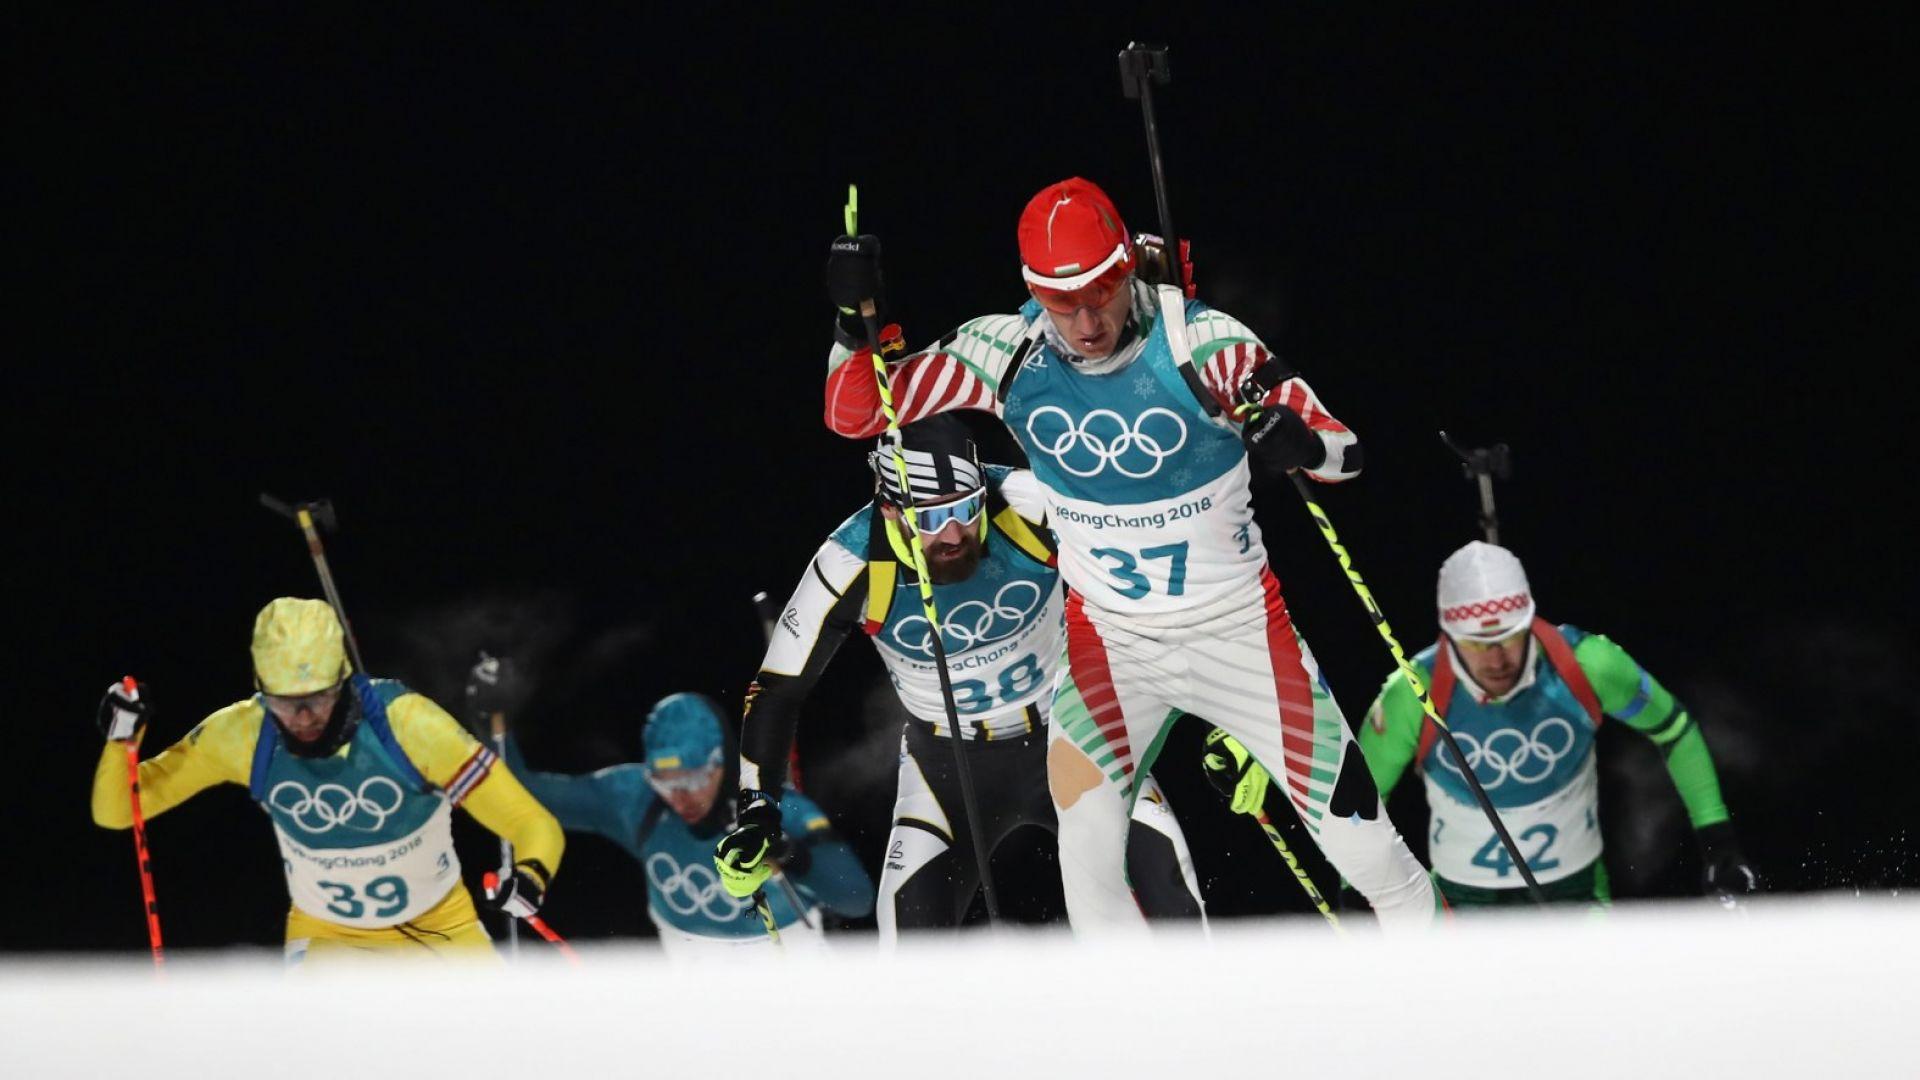 Краси Анев записа най-доброто си класиране през сезона